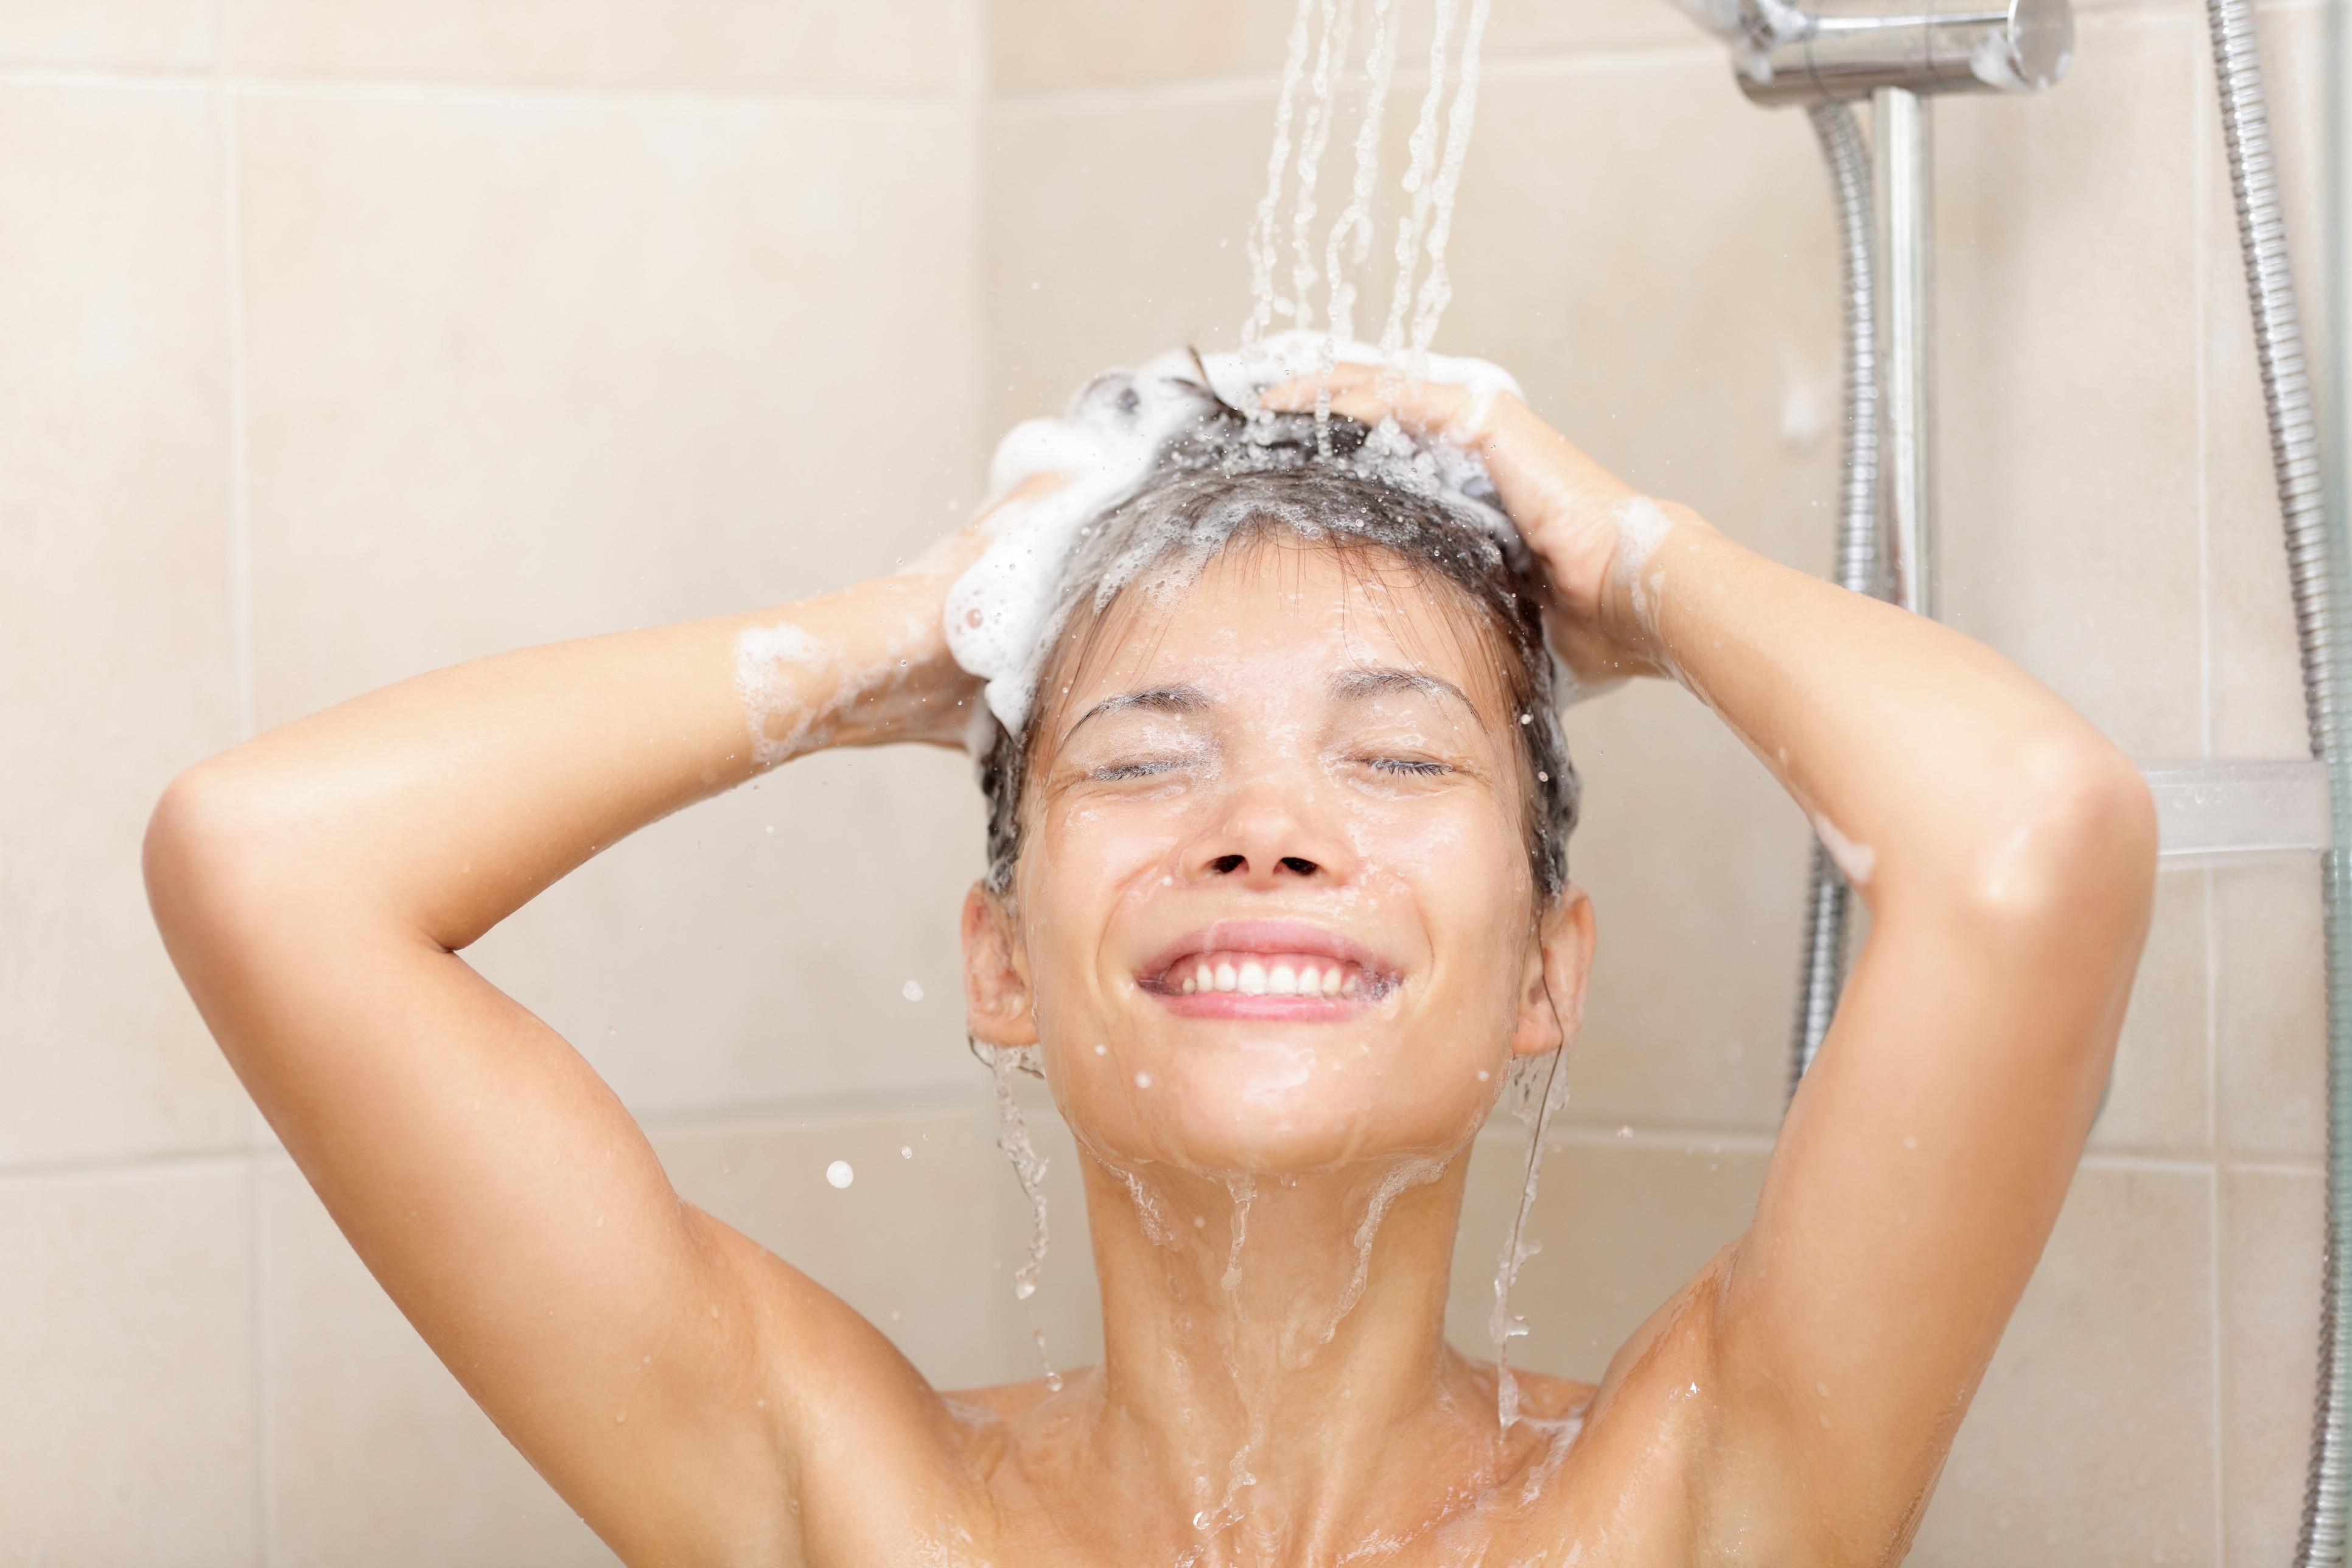 Sabe lavar o cabelo? Provavelmente está a fazê-lo de forma errada